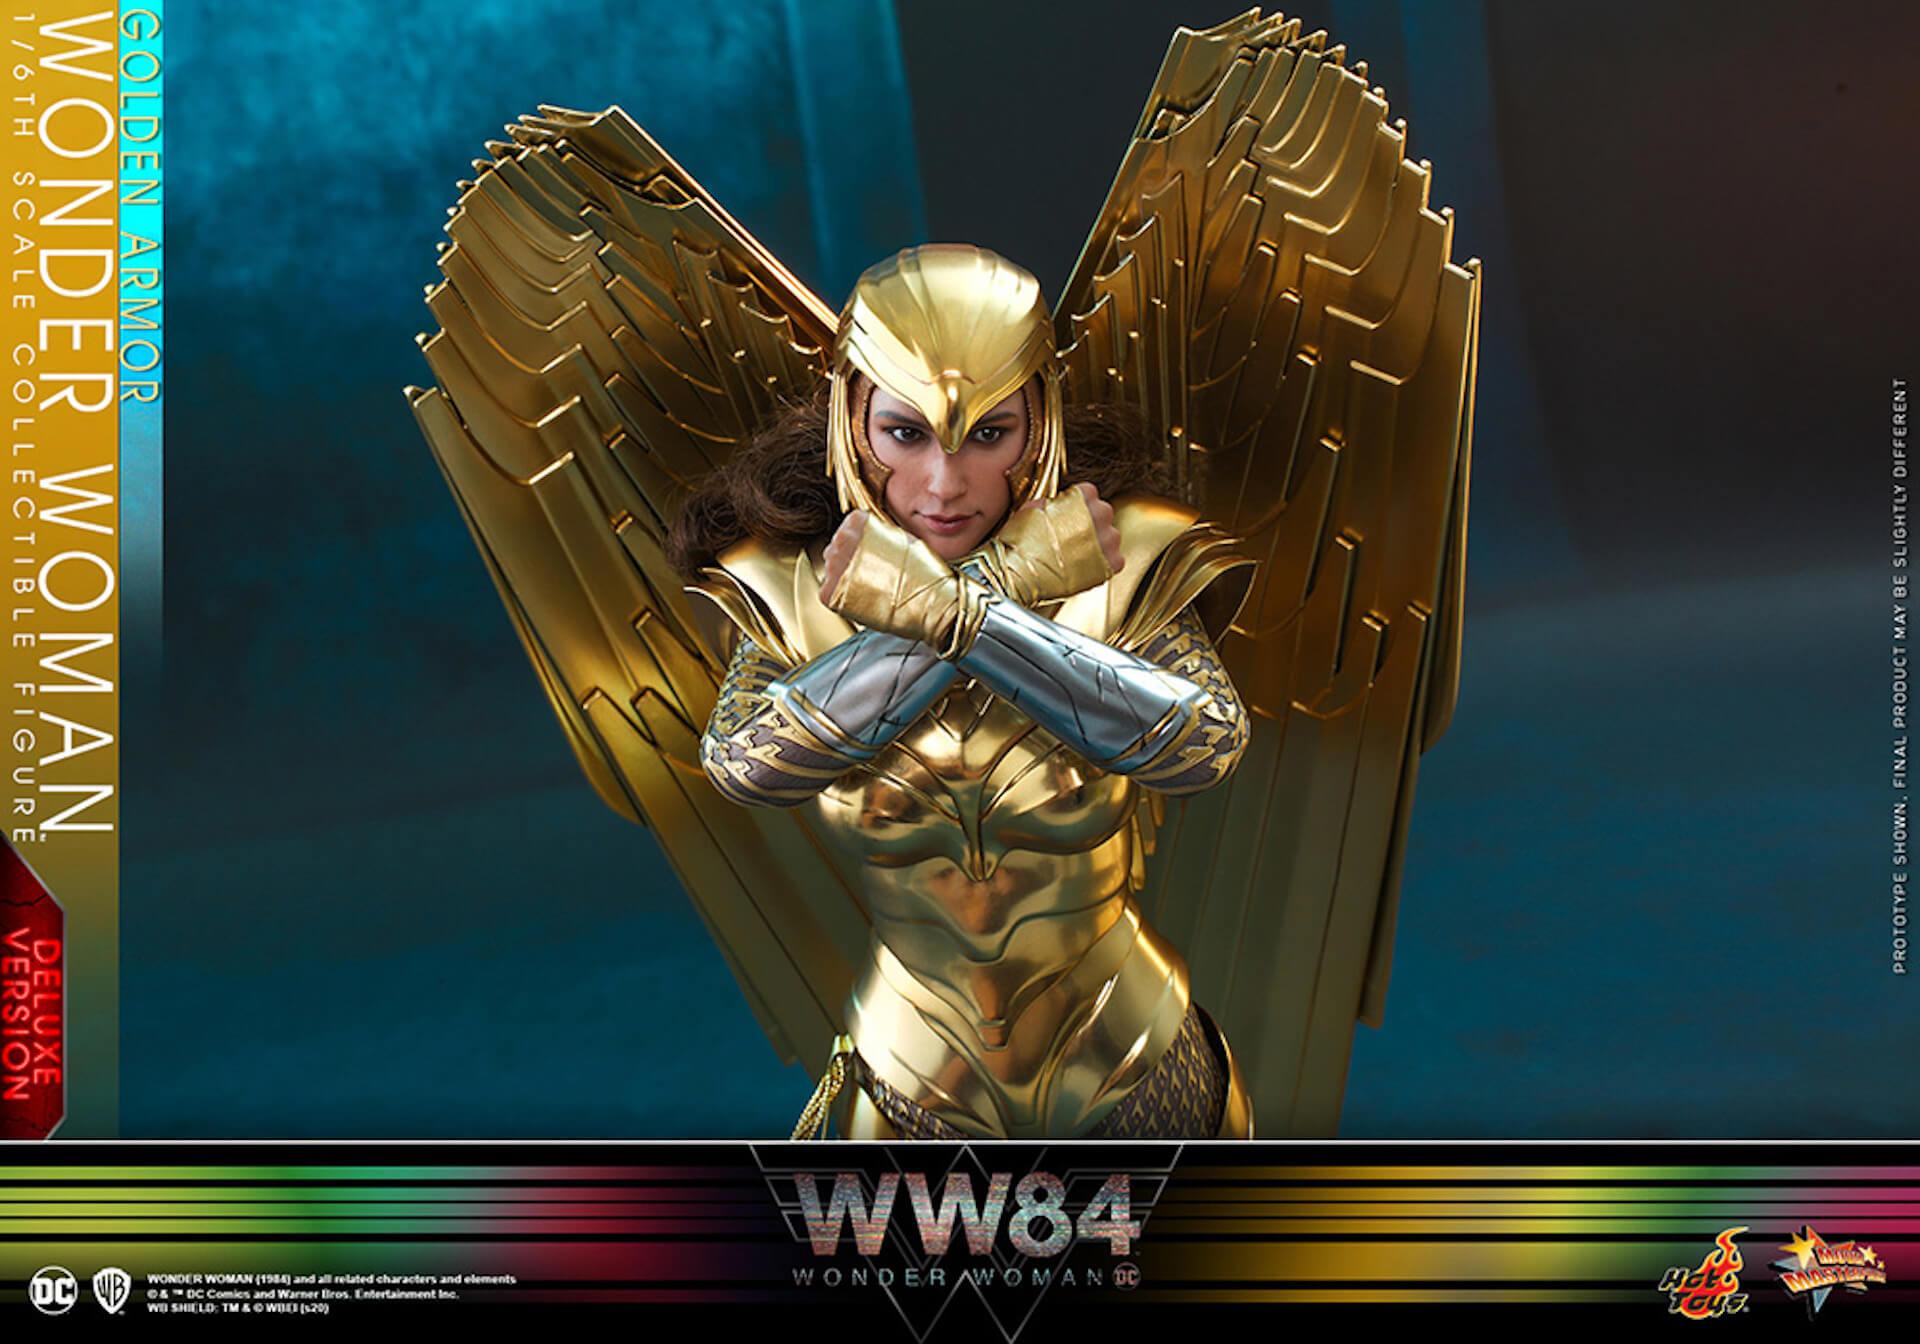 最新作『ワンダーウーマン 1984』からゴールドアーマー装着のワンダーウーマンフィギュアがホットトイズで登場! art200528_ww_hottoys_3